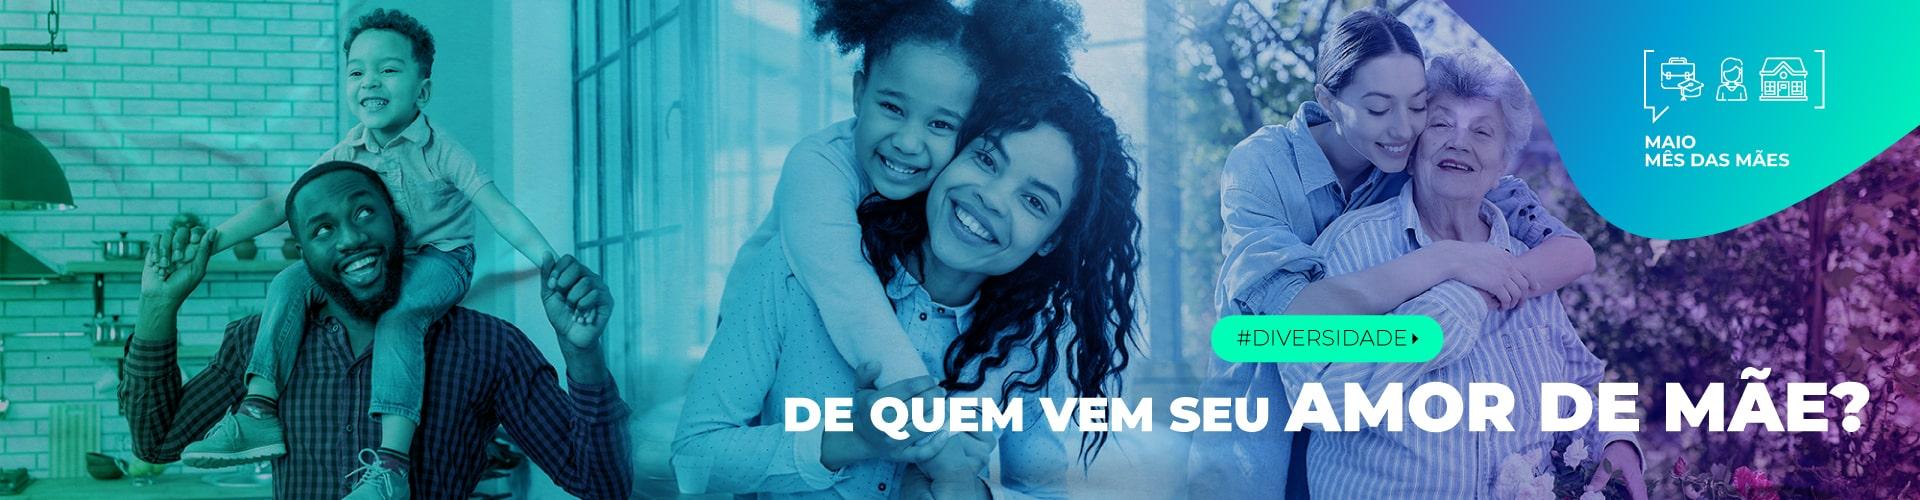 Banner Dia das Mães